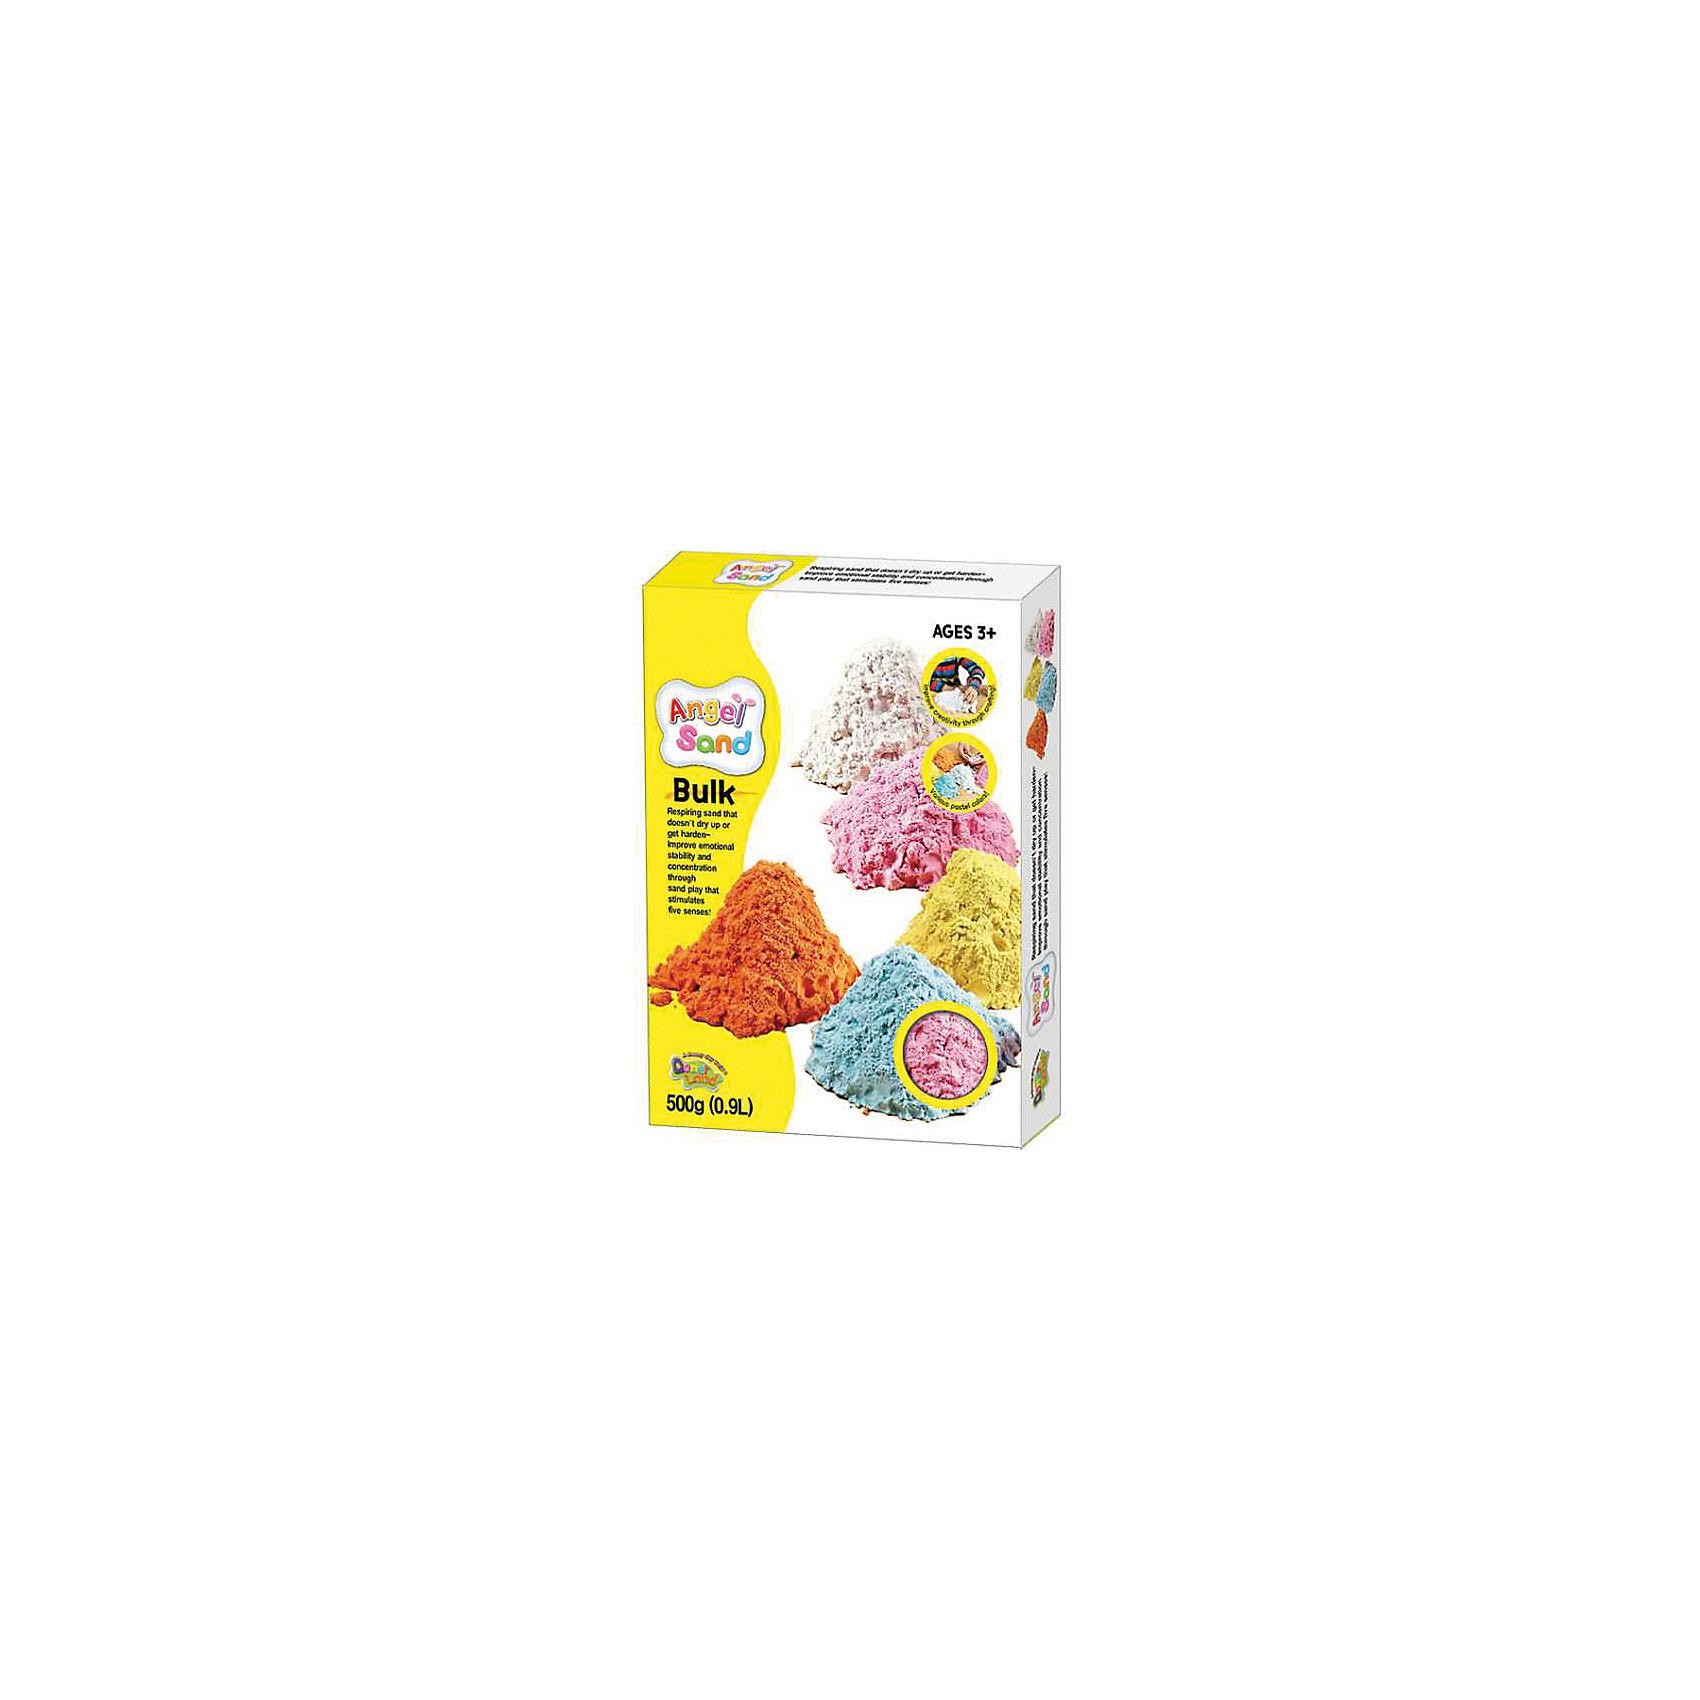 Набор для творчества Angel Sand 0,9 л (розовая)Кинетический песок<br>Характеристики товара:<br><br>• цвет: розовый<br>• не имеет резкого запаха<br>• легко принимает любую форму<br>• возраст: 3+<br>• состав: минеральный песок, глицерин, полимеры, антибактериальные добавки<br>• объем: 0,9 л<br>• комплектация: песок, коробка, инструкция<br>• страна производства: Корея<br><br>Игры с песком не только веселое, но и достаточно полезное занятие. Формование фигурок и перебирание песчинок развивает мелкую моторику малыша. Но песочницы доступны только в теплое время года. В холодное на помощь приходят домашние наборы песка и формочек. В отличие от уличного, песок из набора чистый и окрашен в разные цвета. Материалы, использованные при изготовлении товара, сертифицированы и отвечают всем международным требованиям по качеству. <br><br>Набор «Набор для творчества Angel Sand 0,9 л (розовая)» можно приобрести в нашем интернет-магазине.<br><br>Ширина мм: 140<br>Глубина мм: 200<br>Высота мм: 60<br>Вес г: 900<br>Возраст от месяцев: 36<br>Возраст до месяцев: 2147483647<br>Пол: Унисекс<br>Возраст: Детский<br>SKU: 5104615